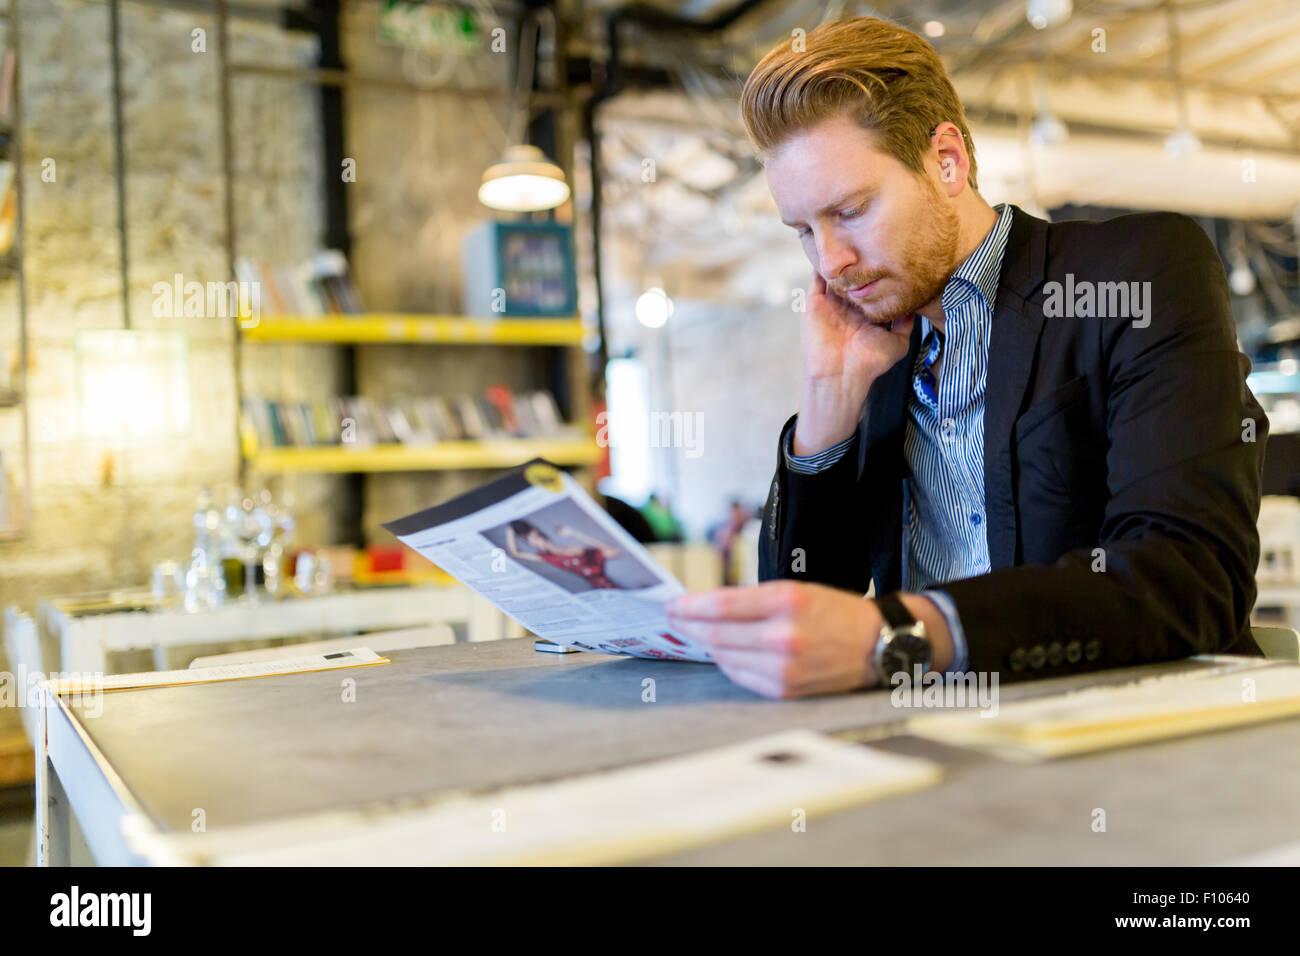 Empresario confuso leyendo el periódico en un restaurante Imagen De Stock